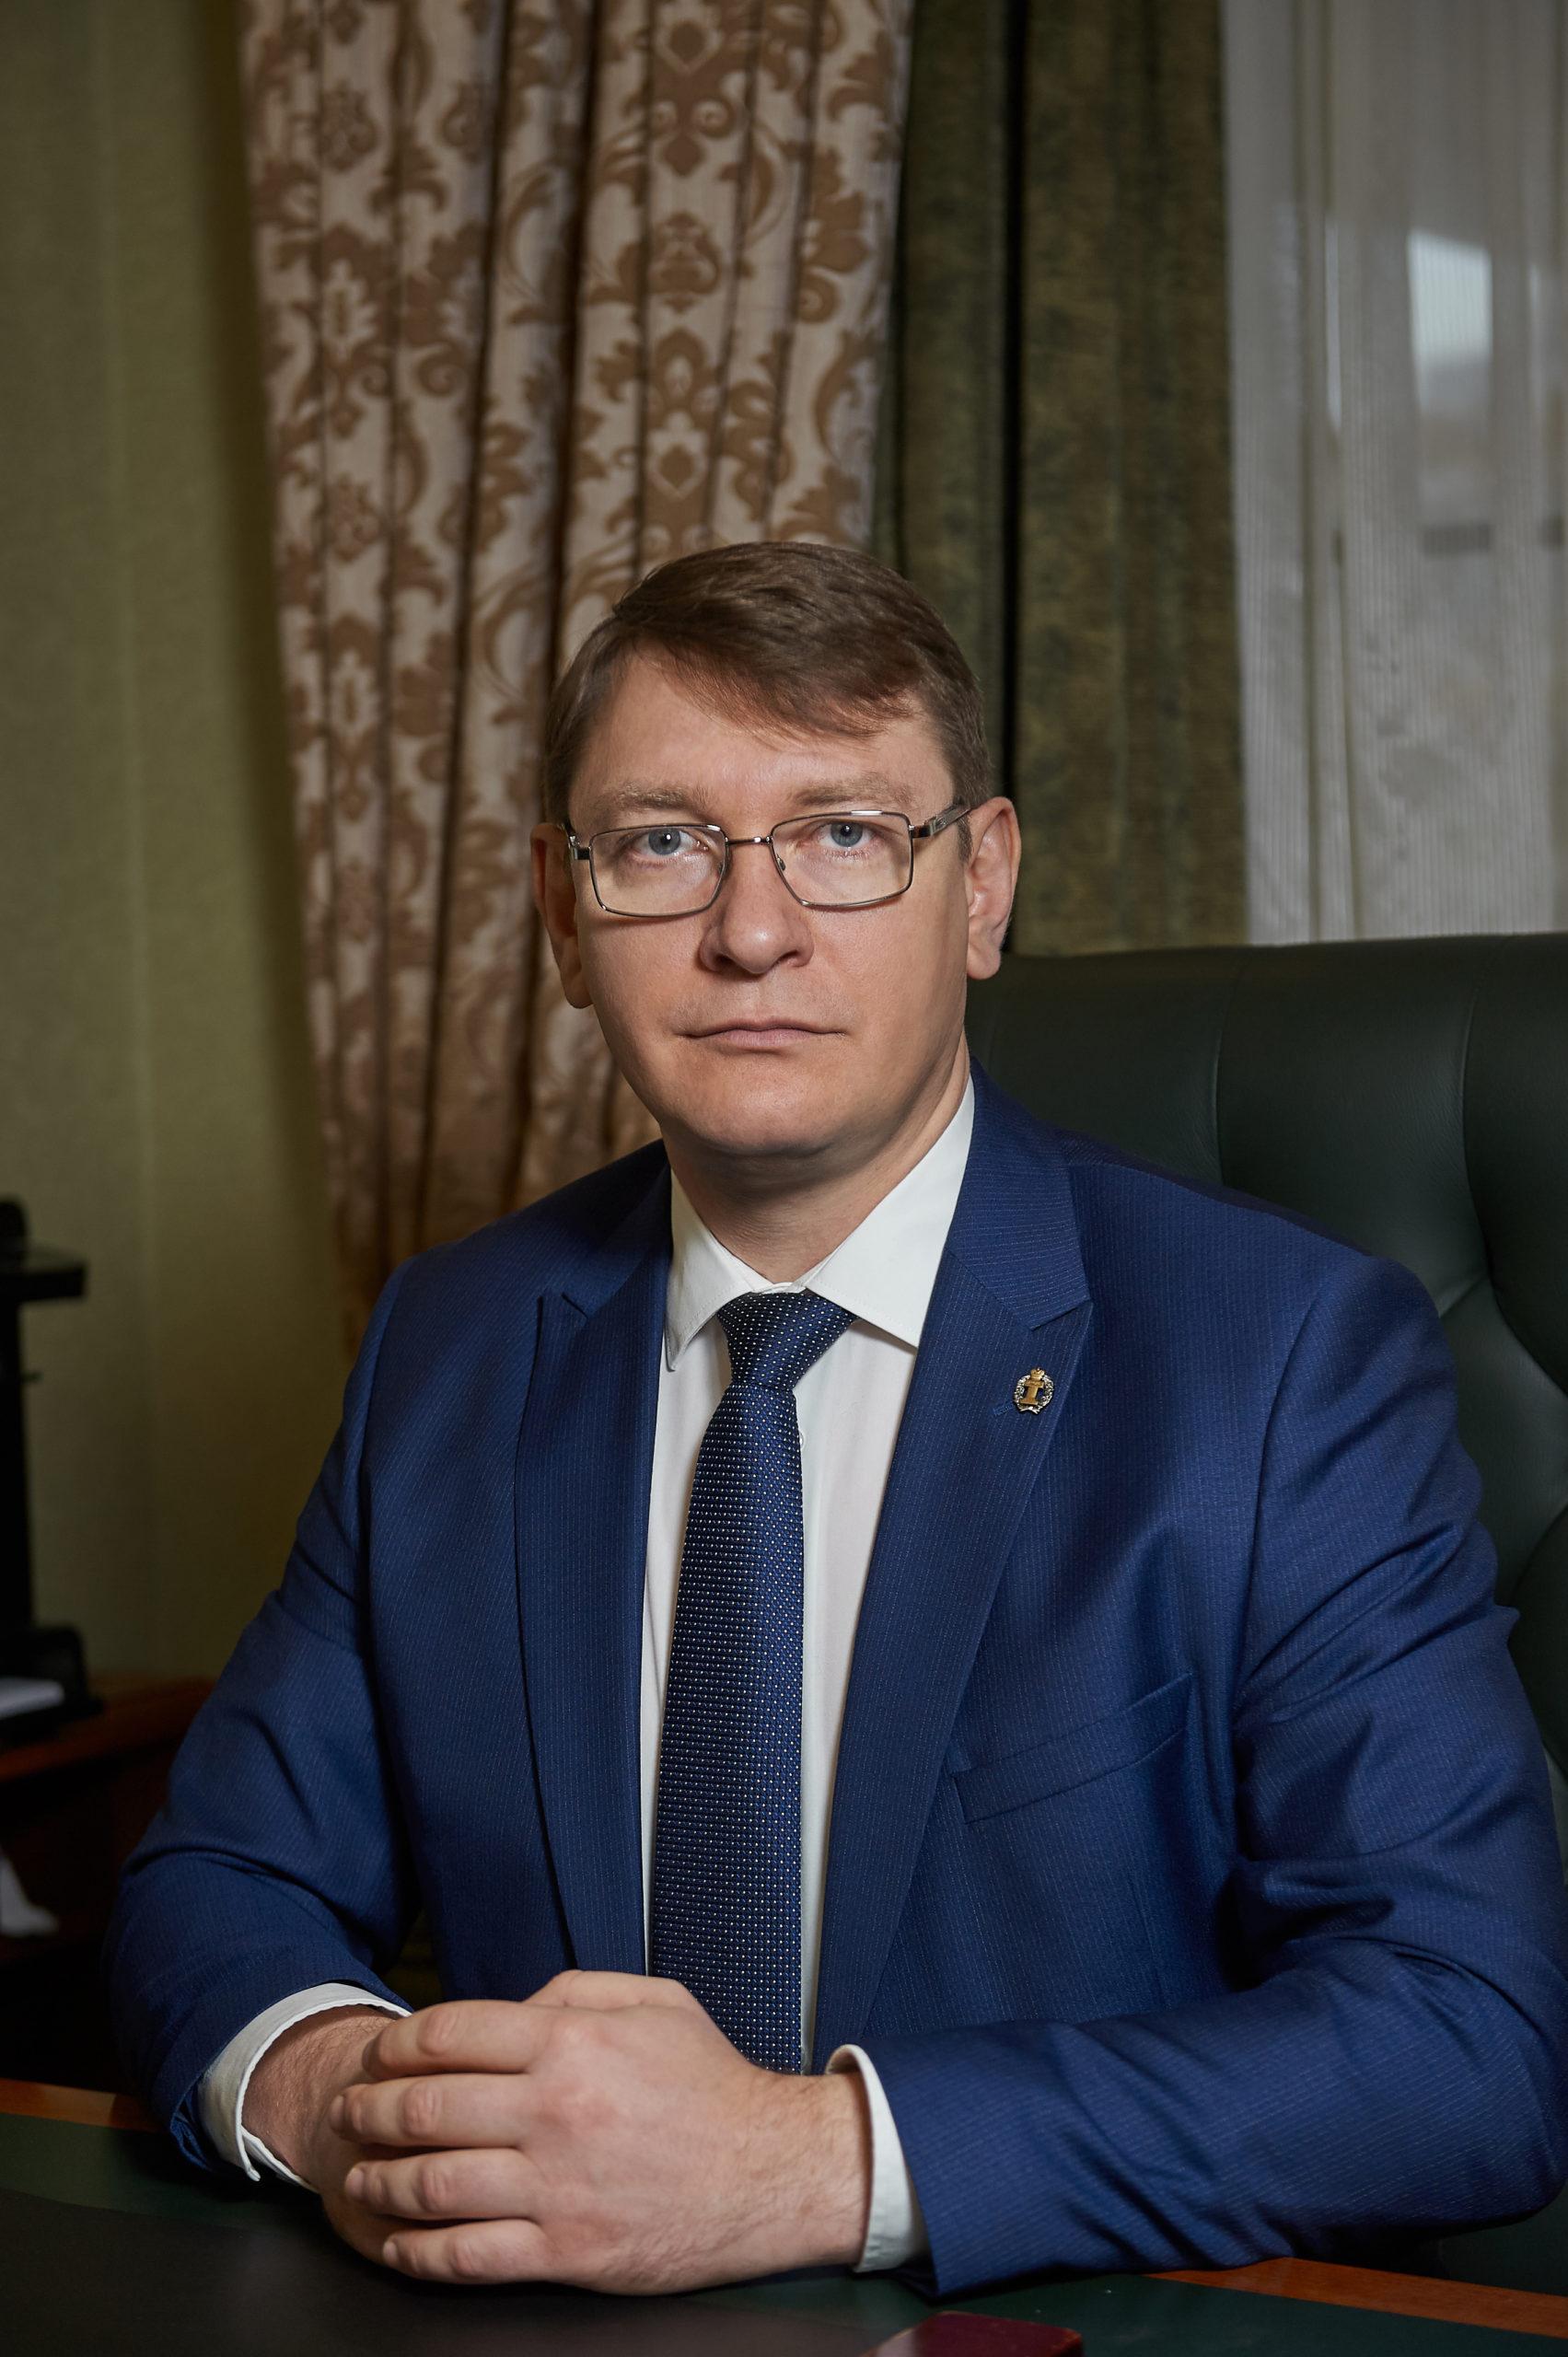 Чехов Андрей Владимирович. Президент Адвокатской палаты Краснодарского края